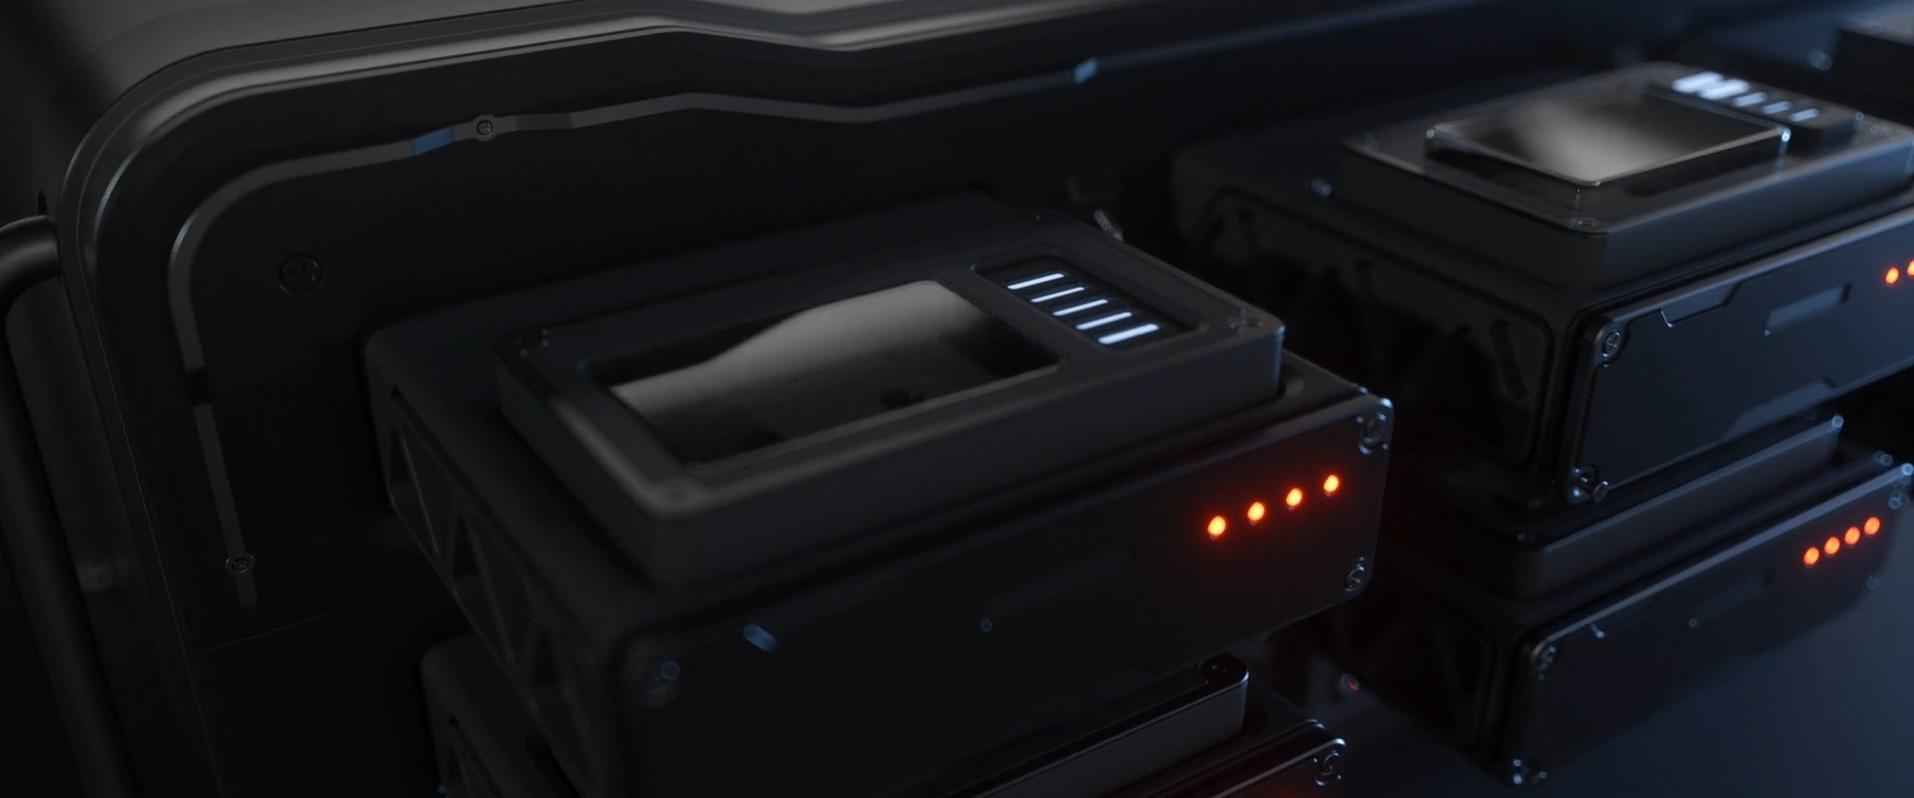 暗黑硬盘存储恢复科技灯管三维质感金属